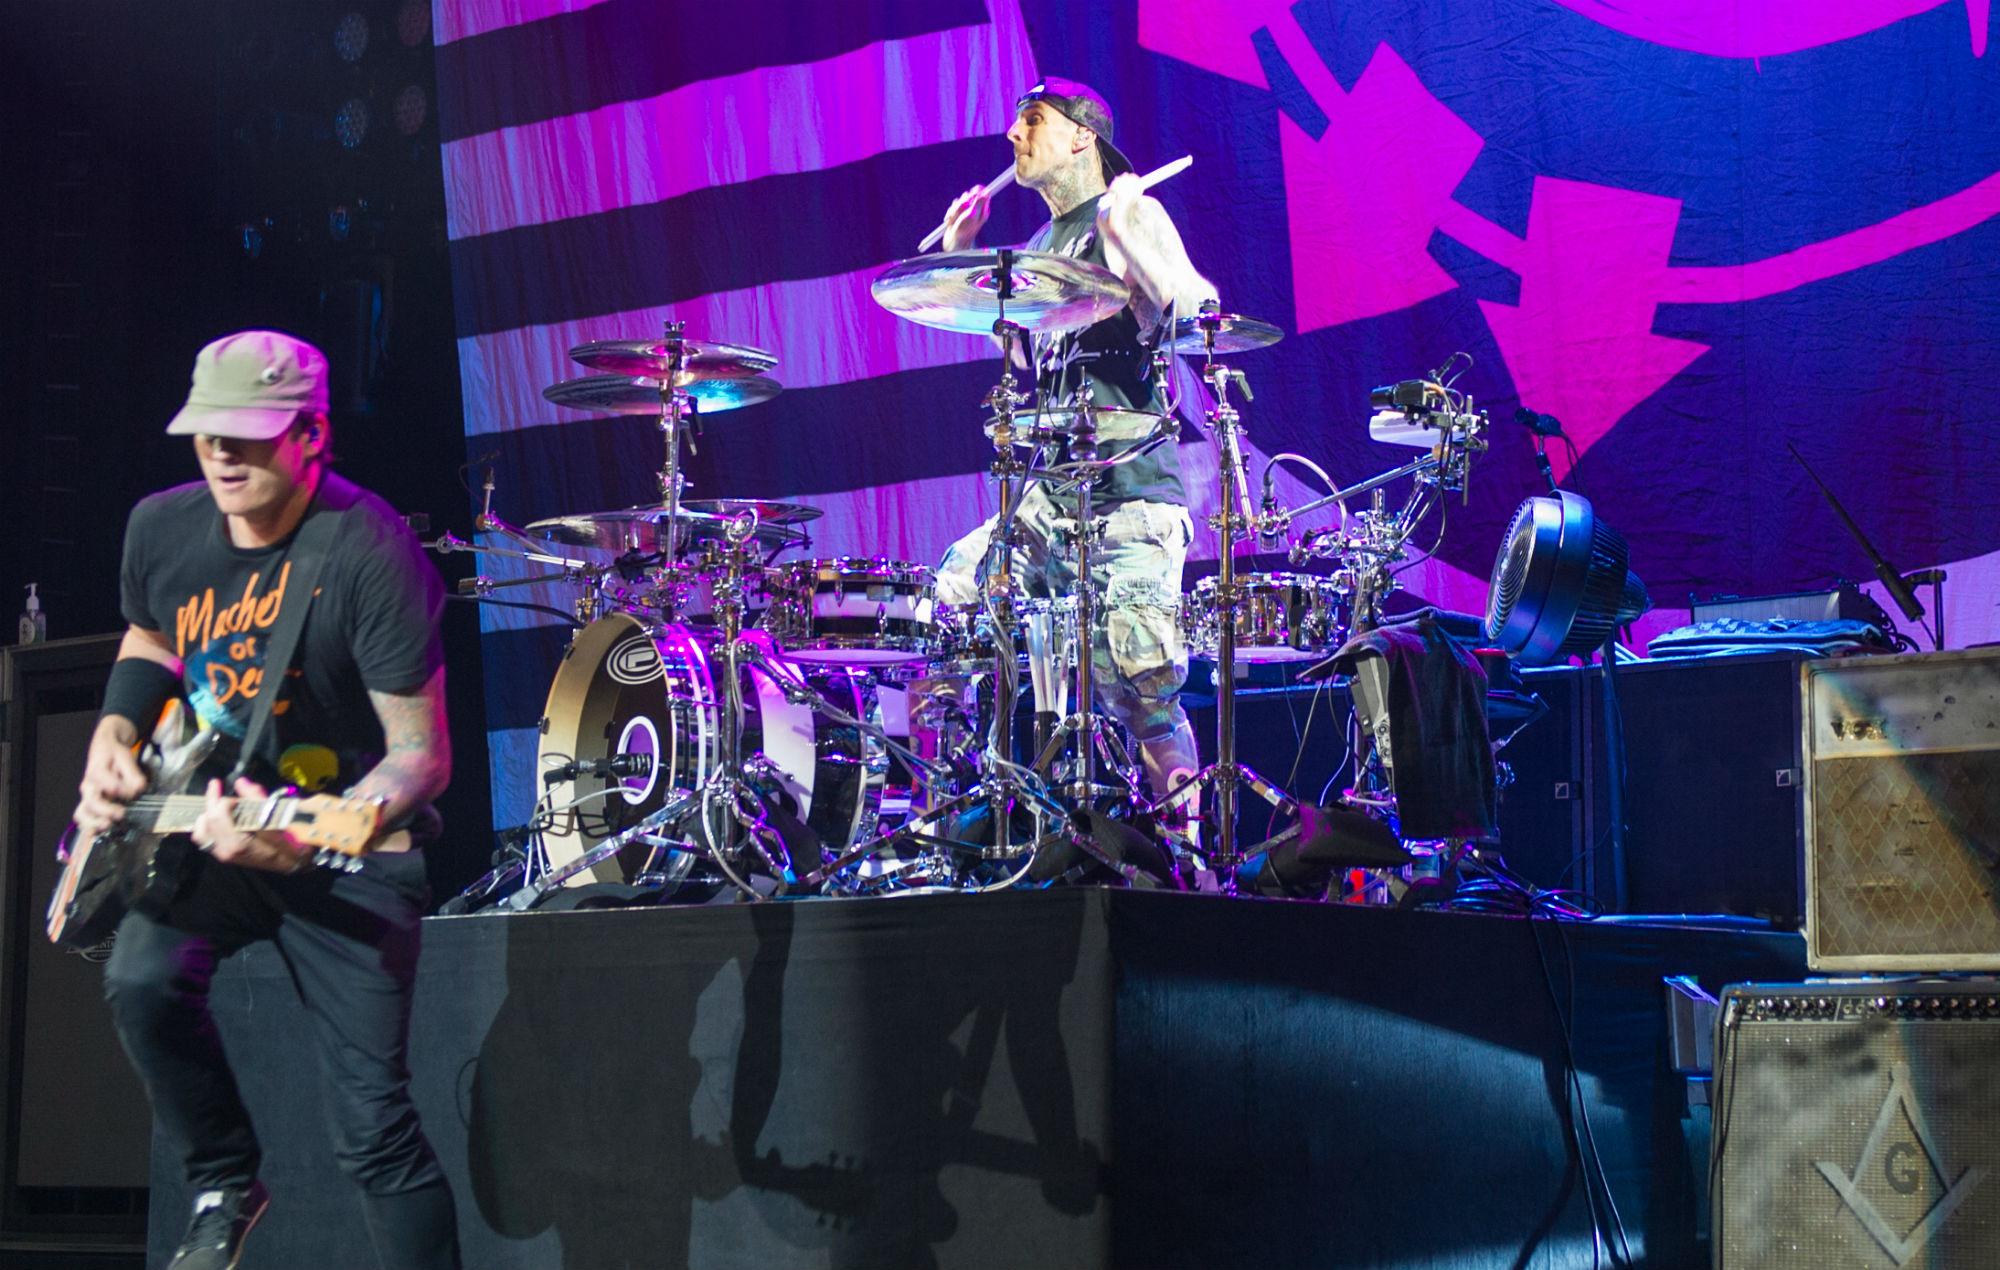 Blink 182 S Tom Delonge Won T Rejoin The Band After Travis